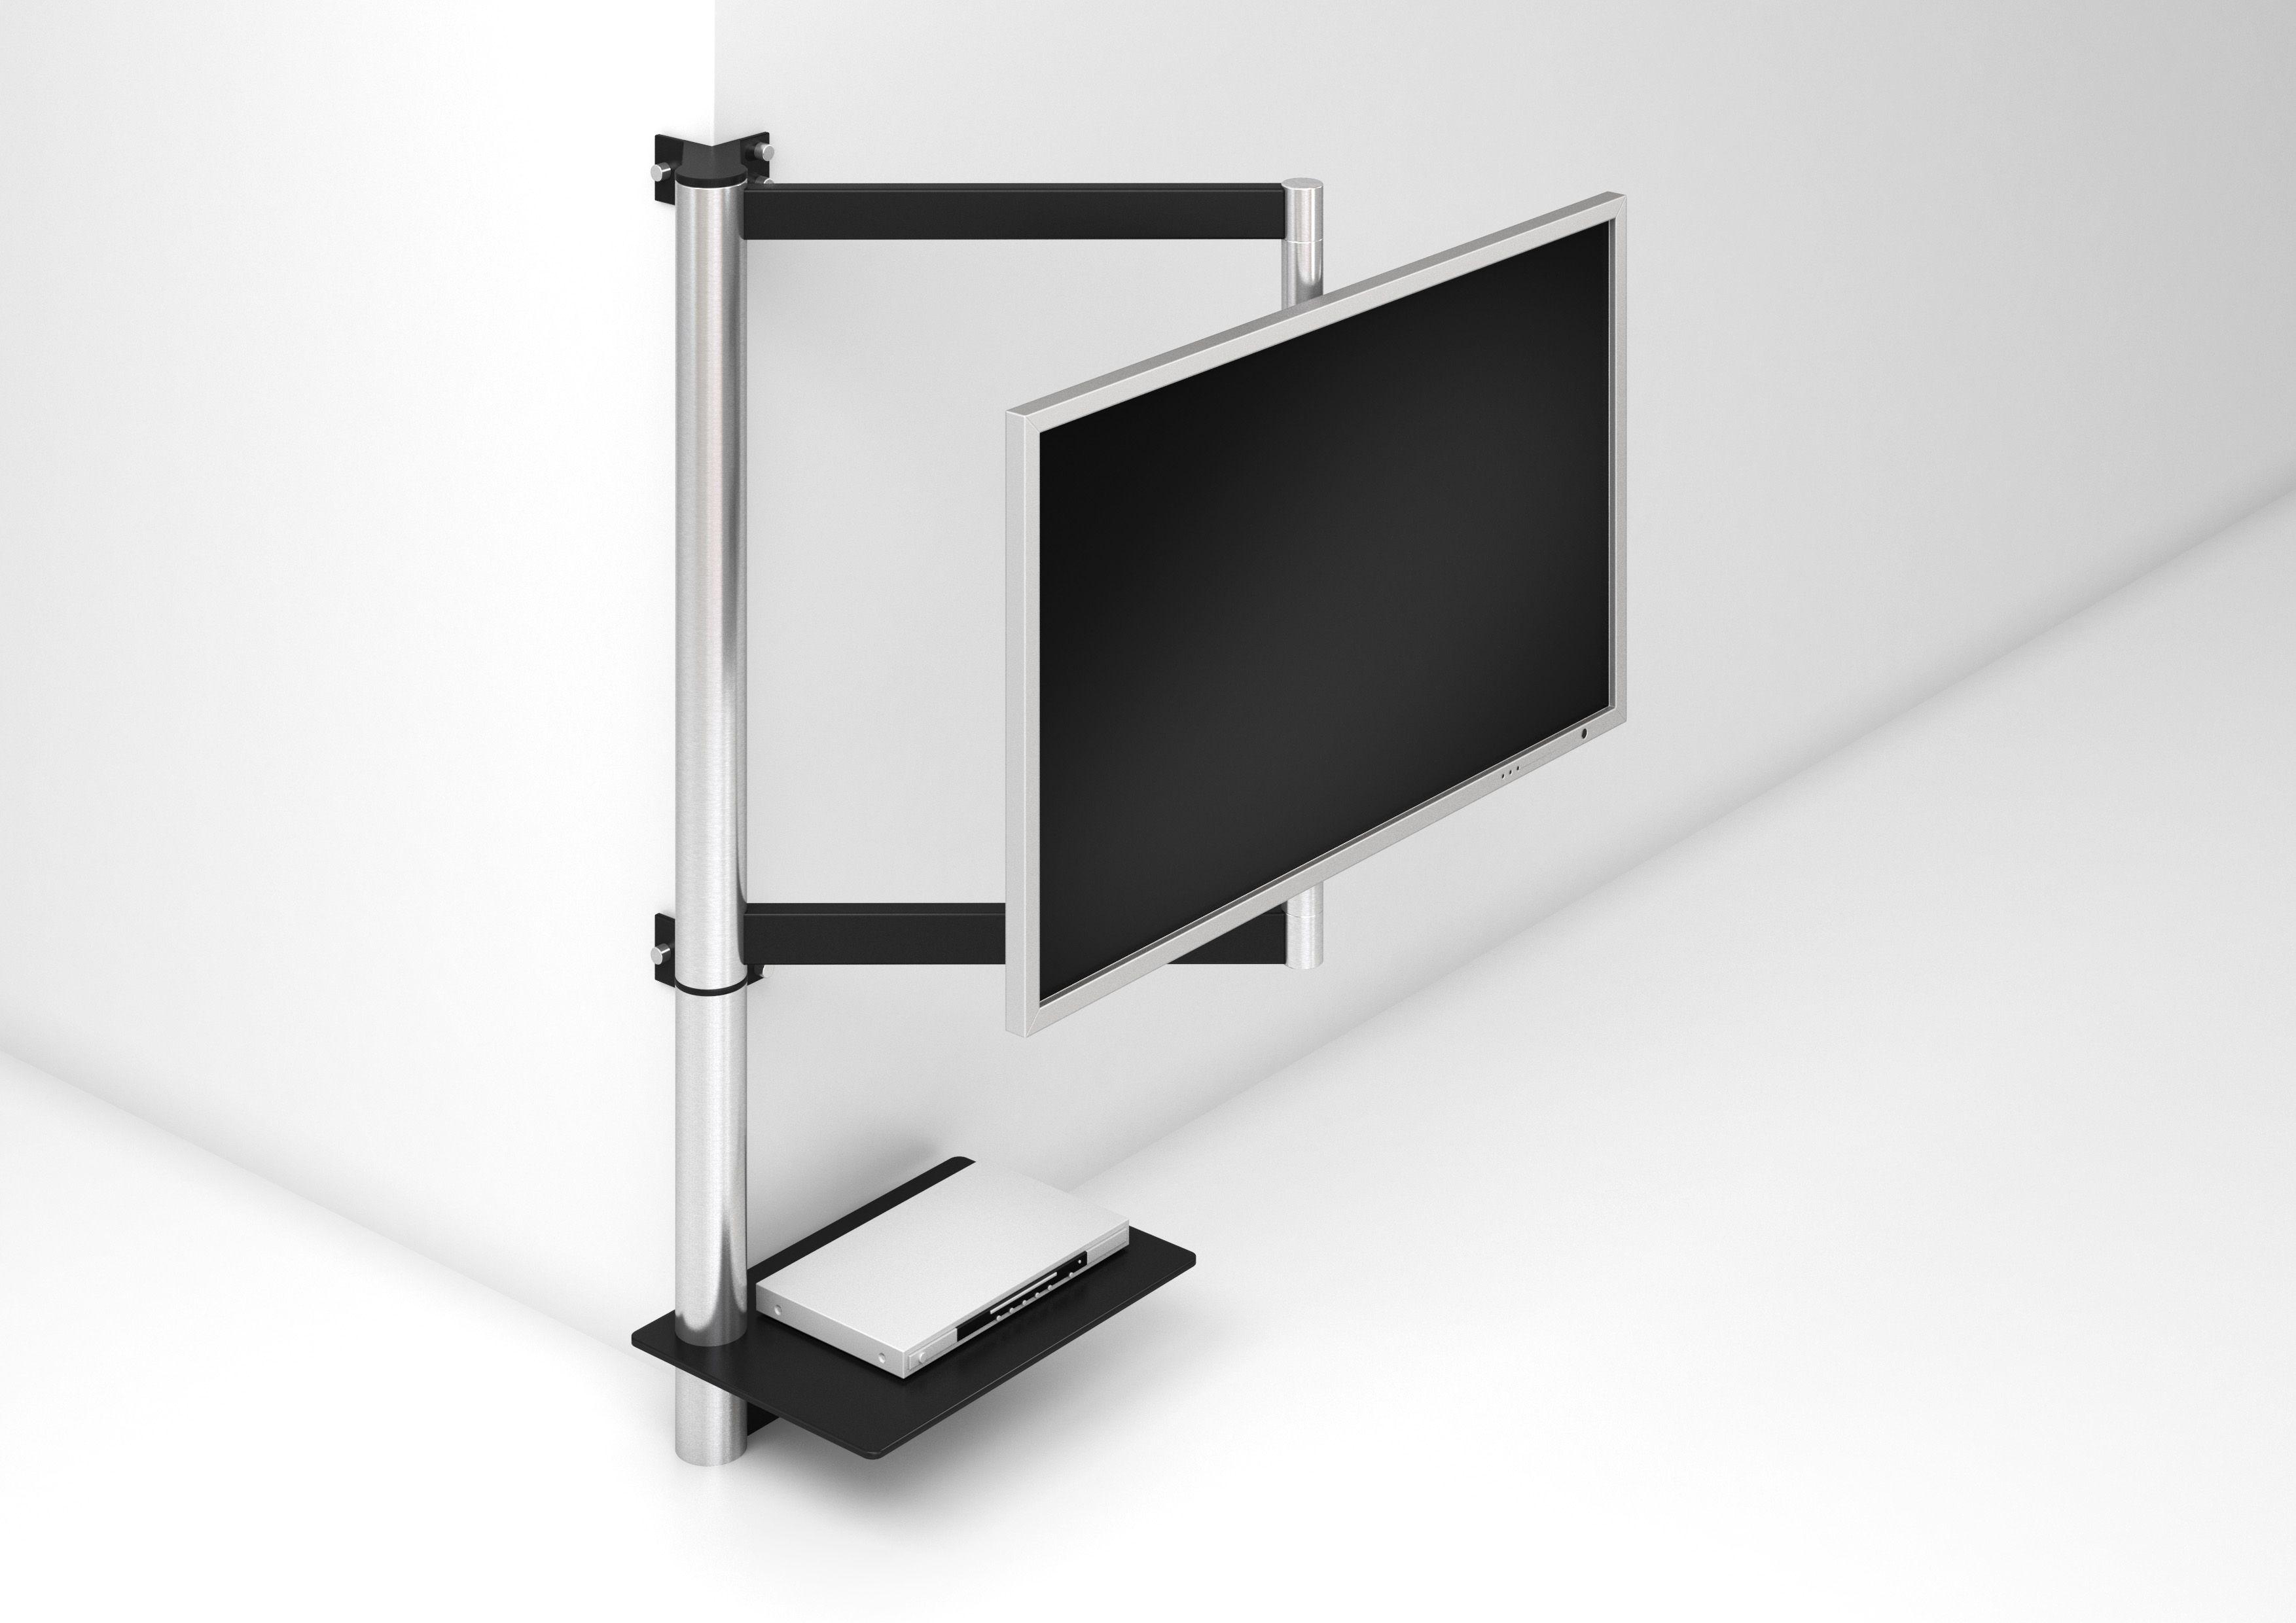 Tv Wandhalterung Wall Mount Durch Das Funktionelle Design